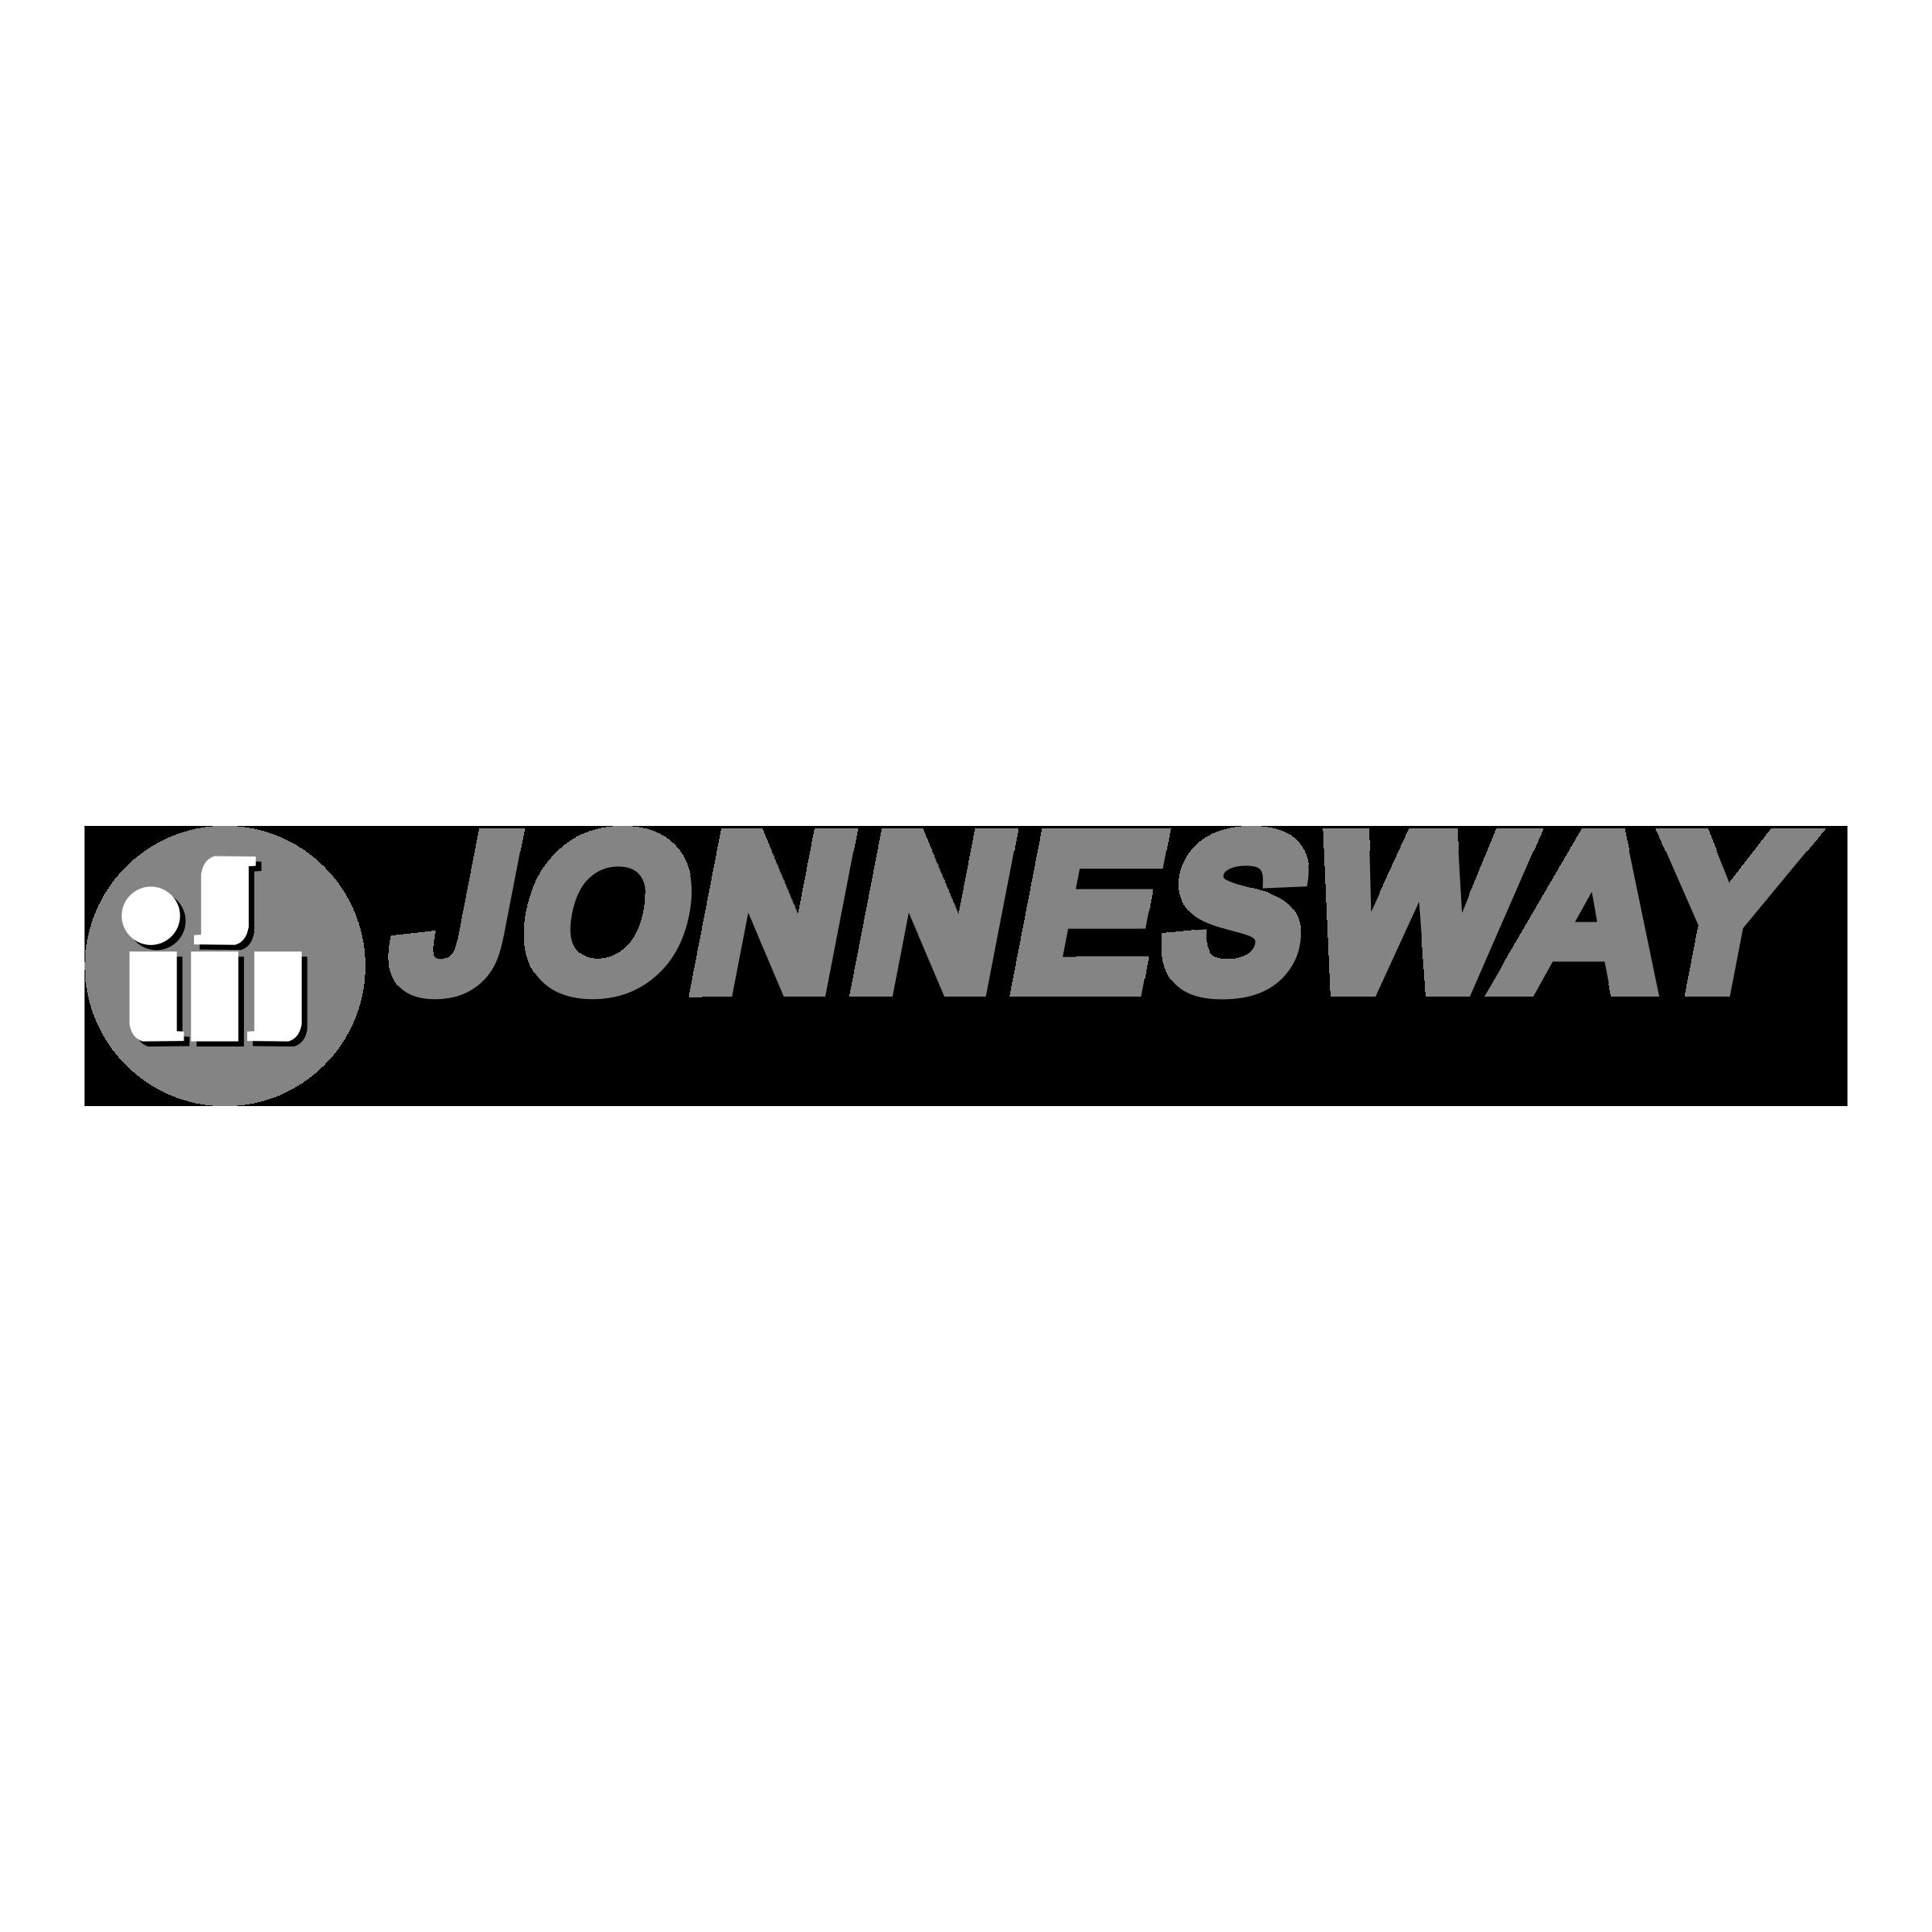 jonnesway-logo-png-transparent grey